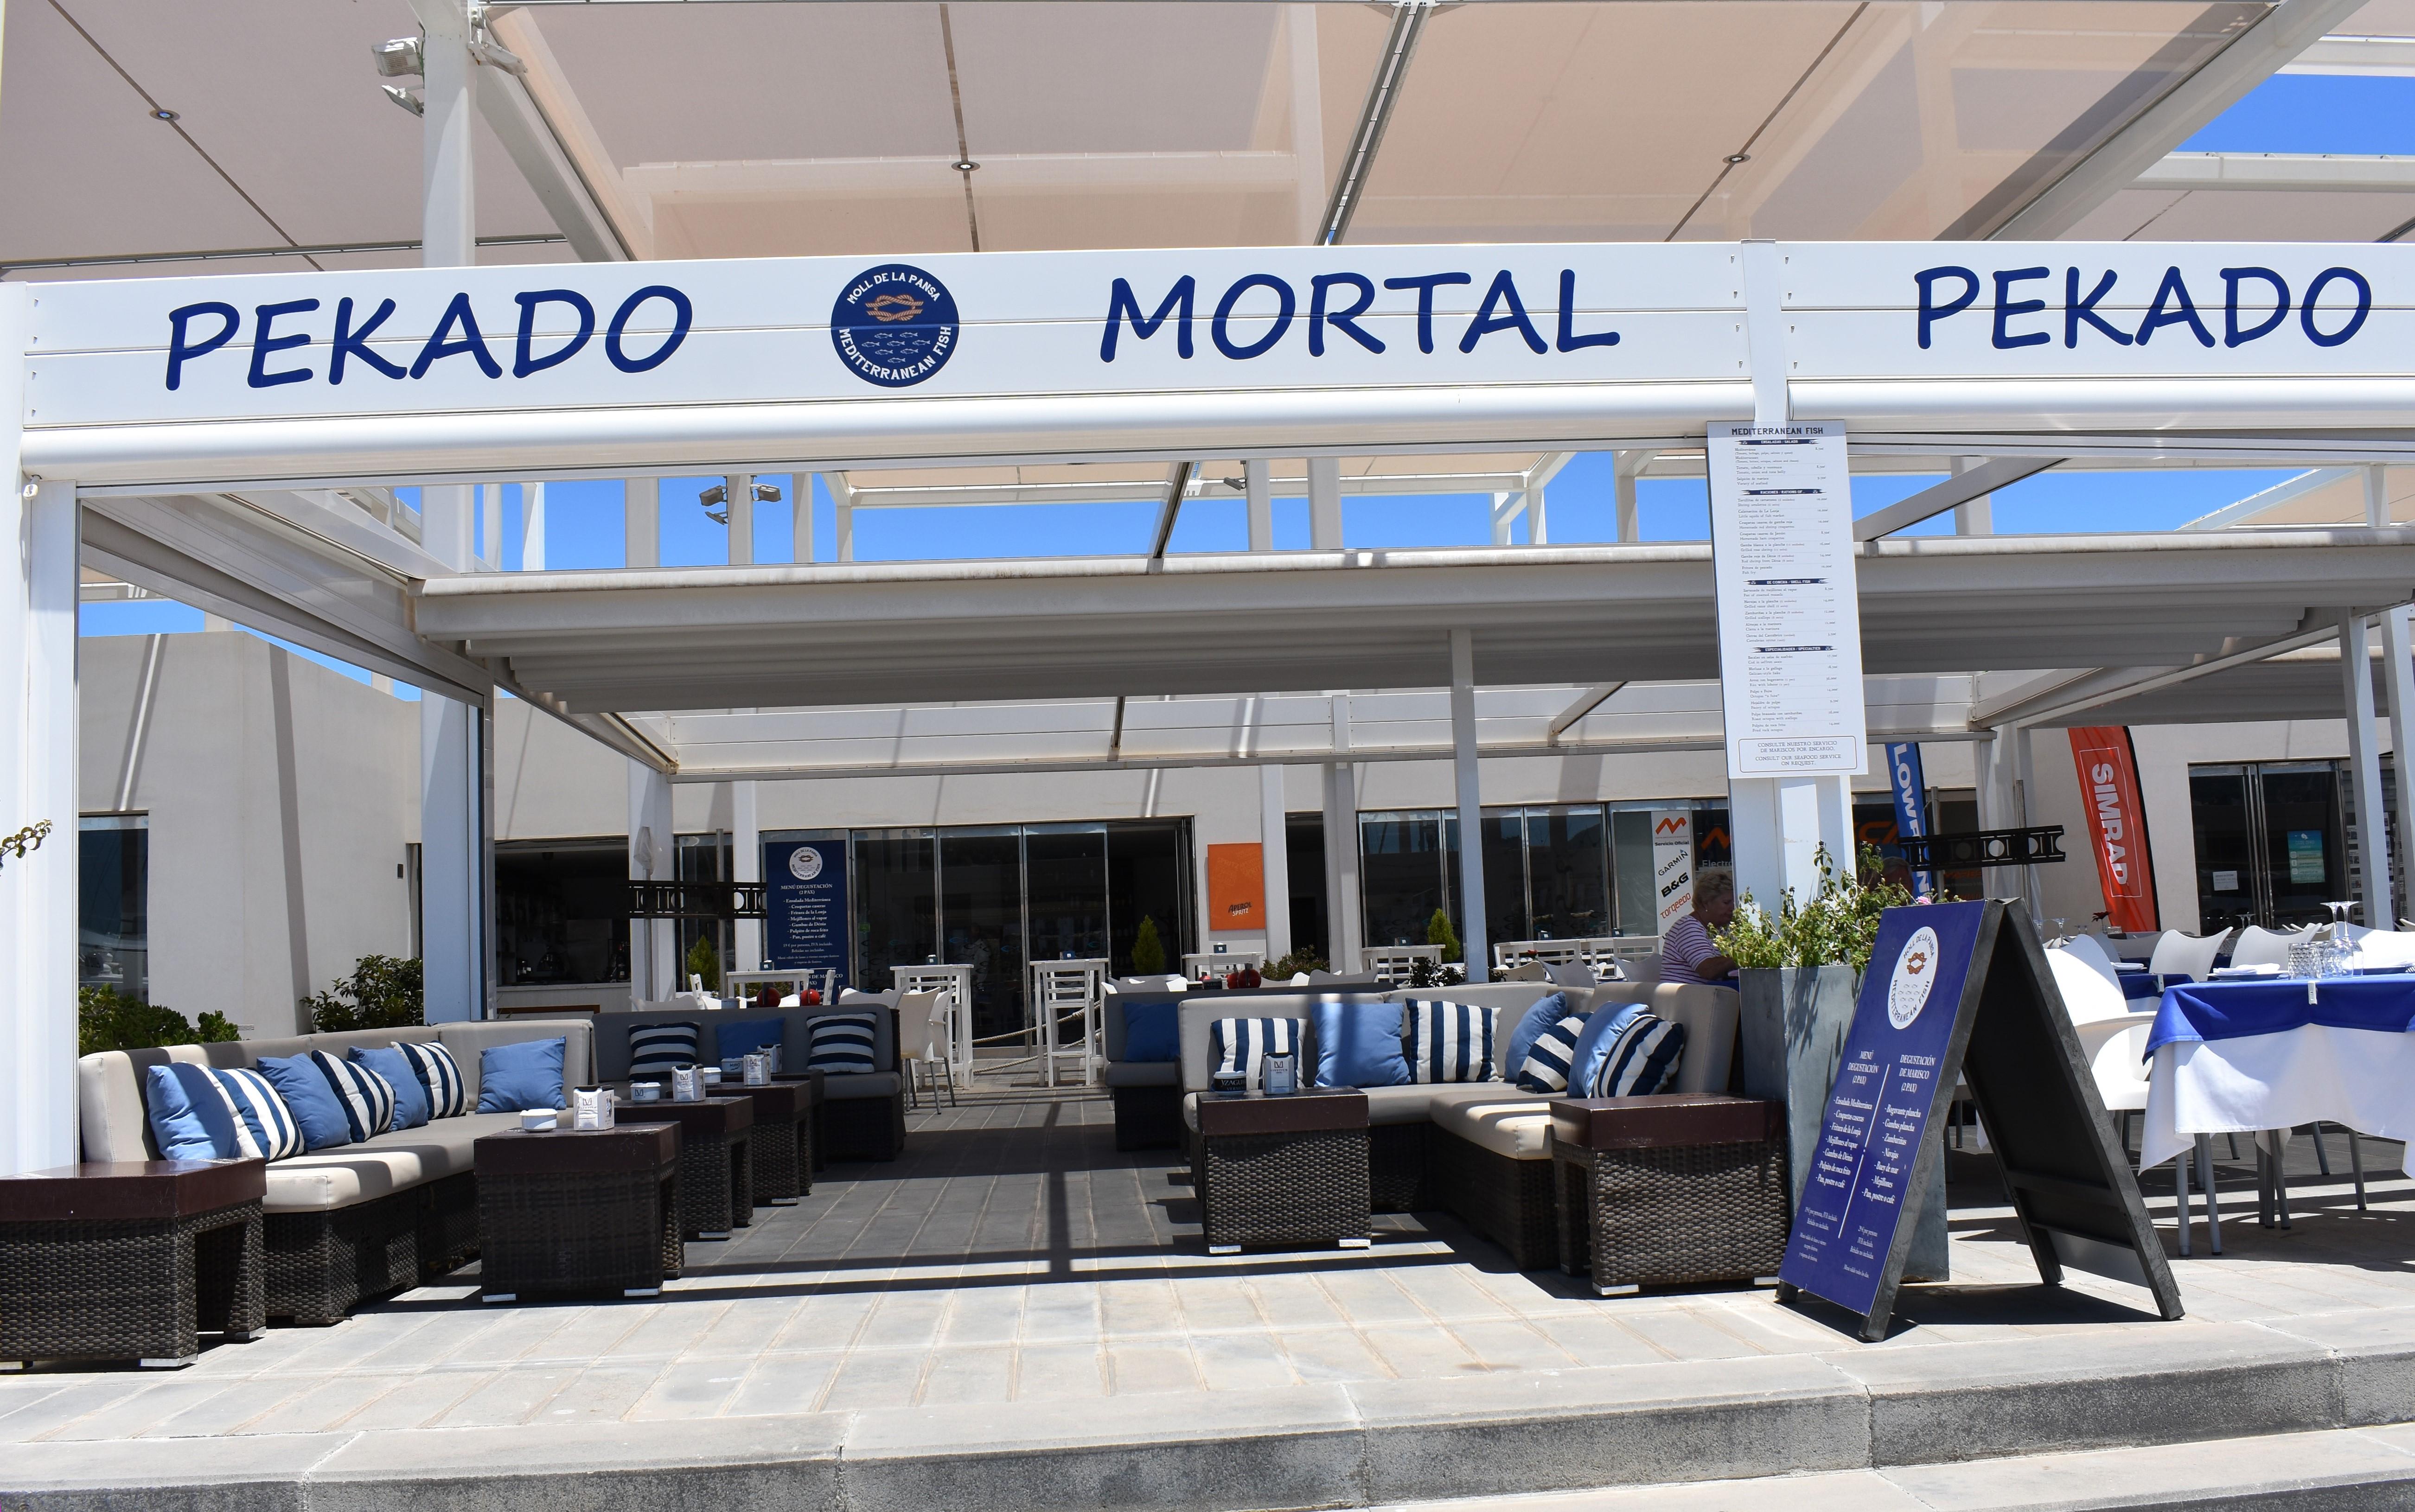 Nueva edición de la Feria del Pulpo en Pekado Mortal de Marina El Portet